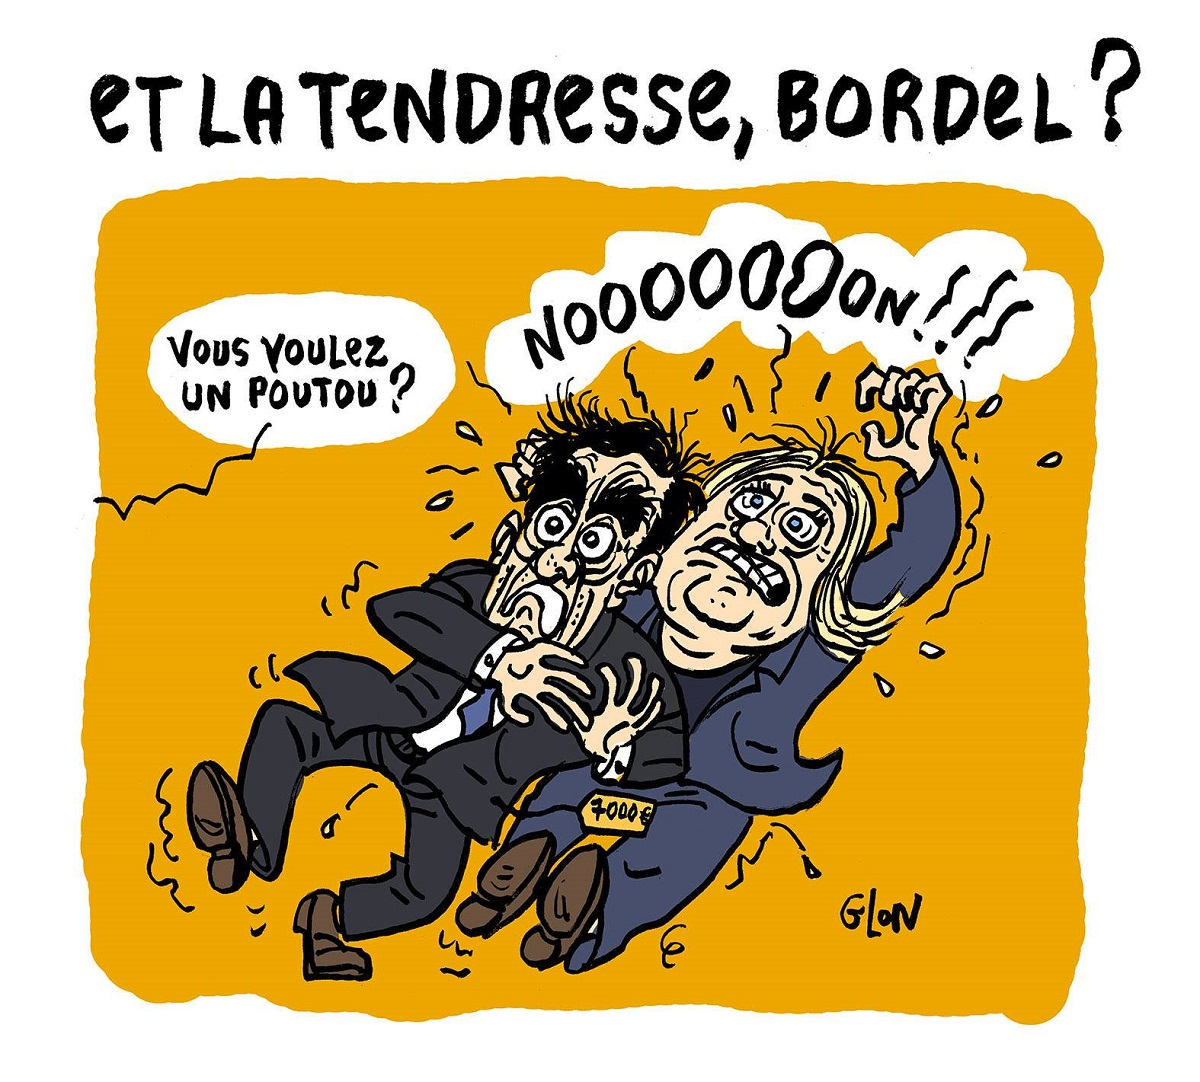 dessin drôle de François Fillon et Marine Le Pen terrorisés par un Poutou